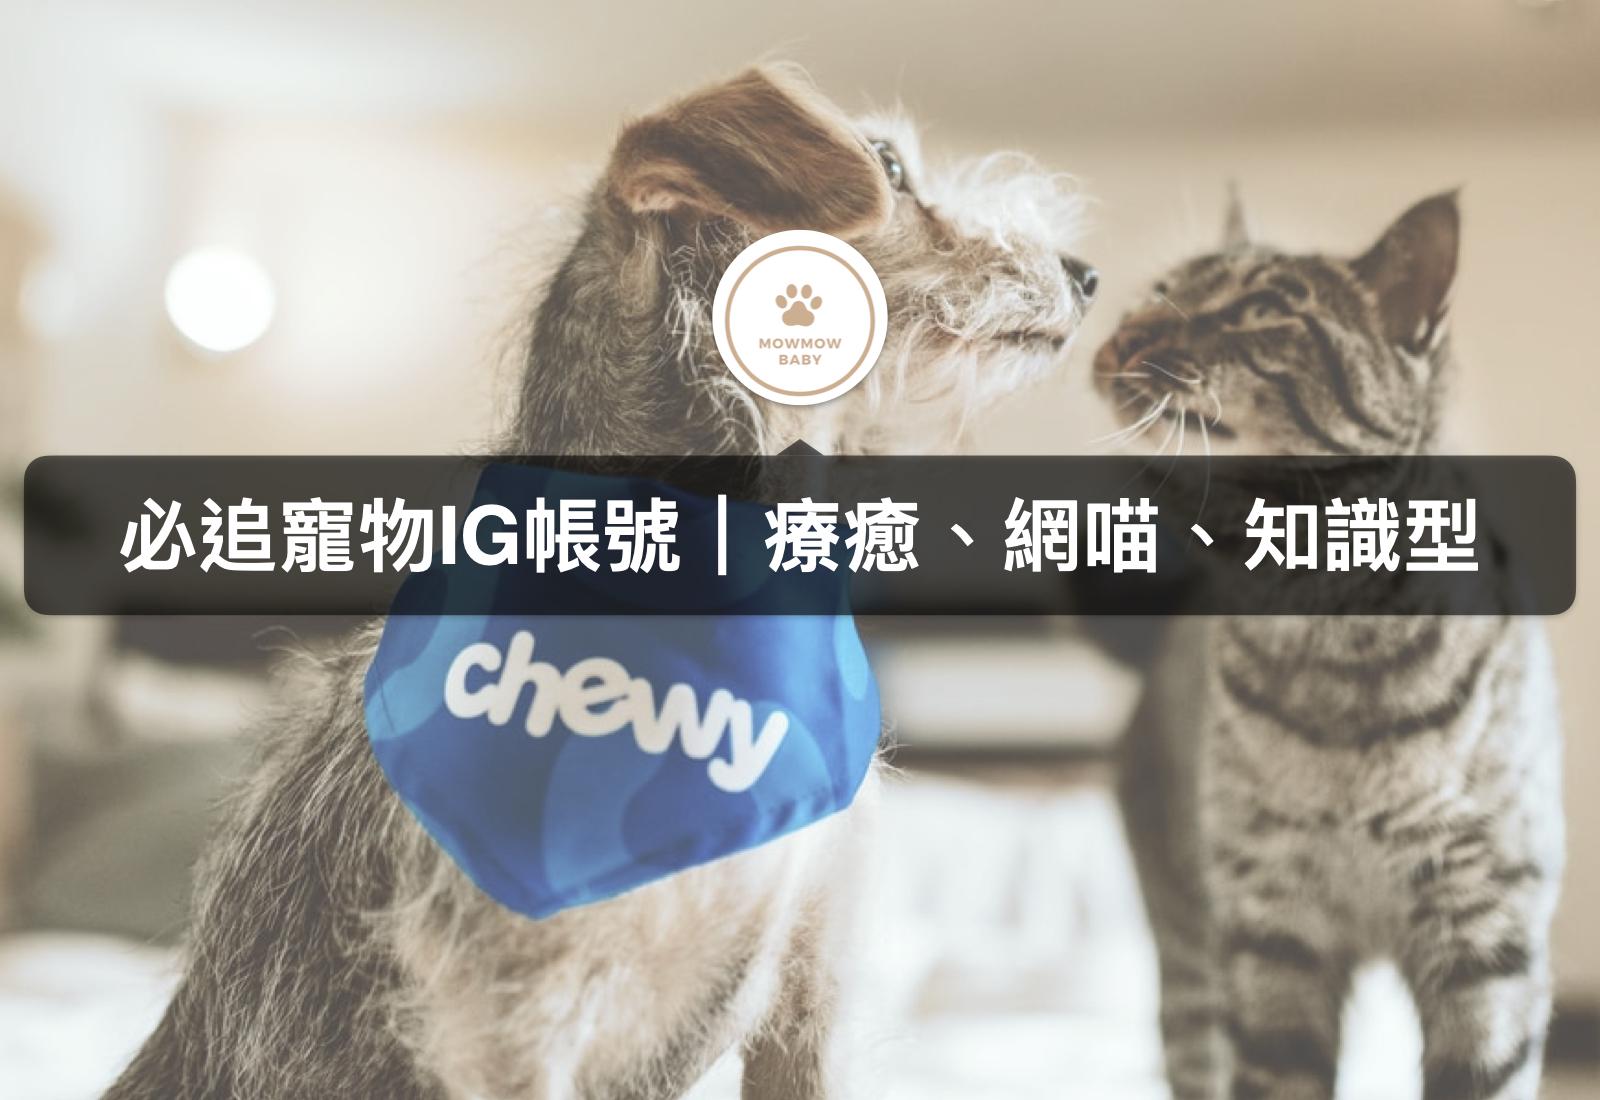 喵星人集合之貓IG帳號推薦|手繪、網喵、知識型你喜歡哪個類型?